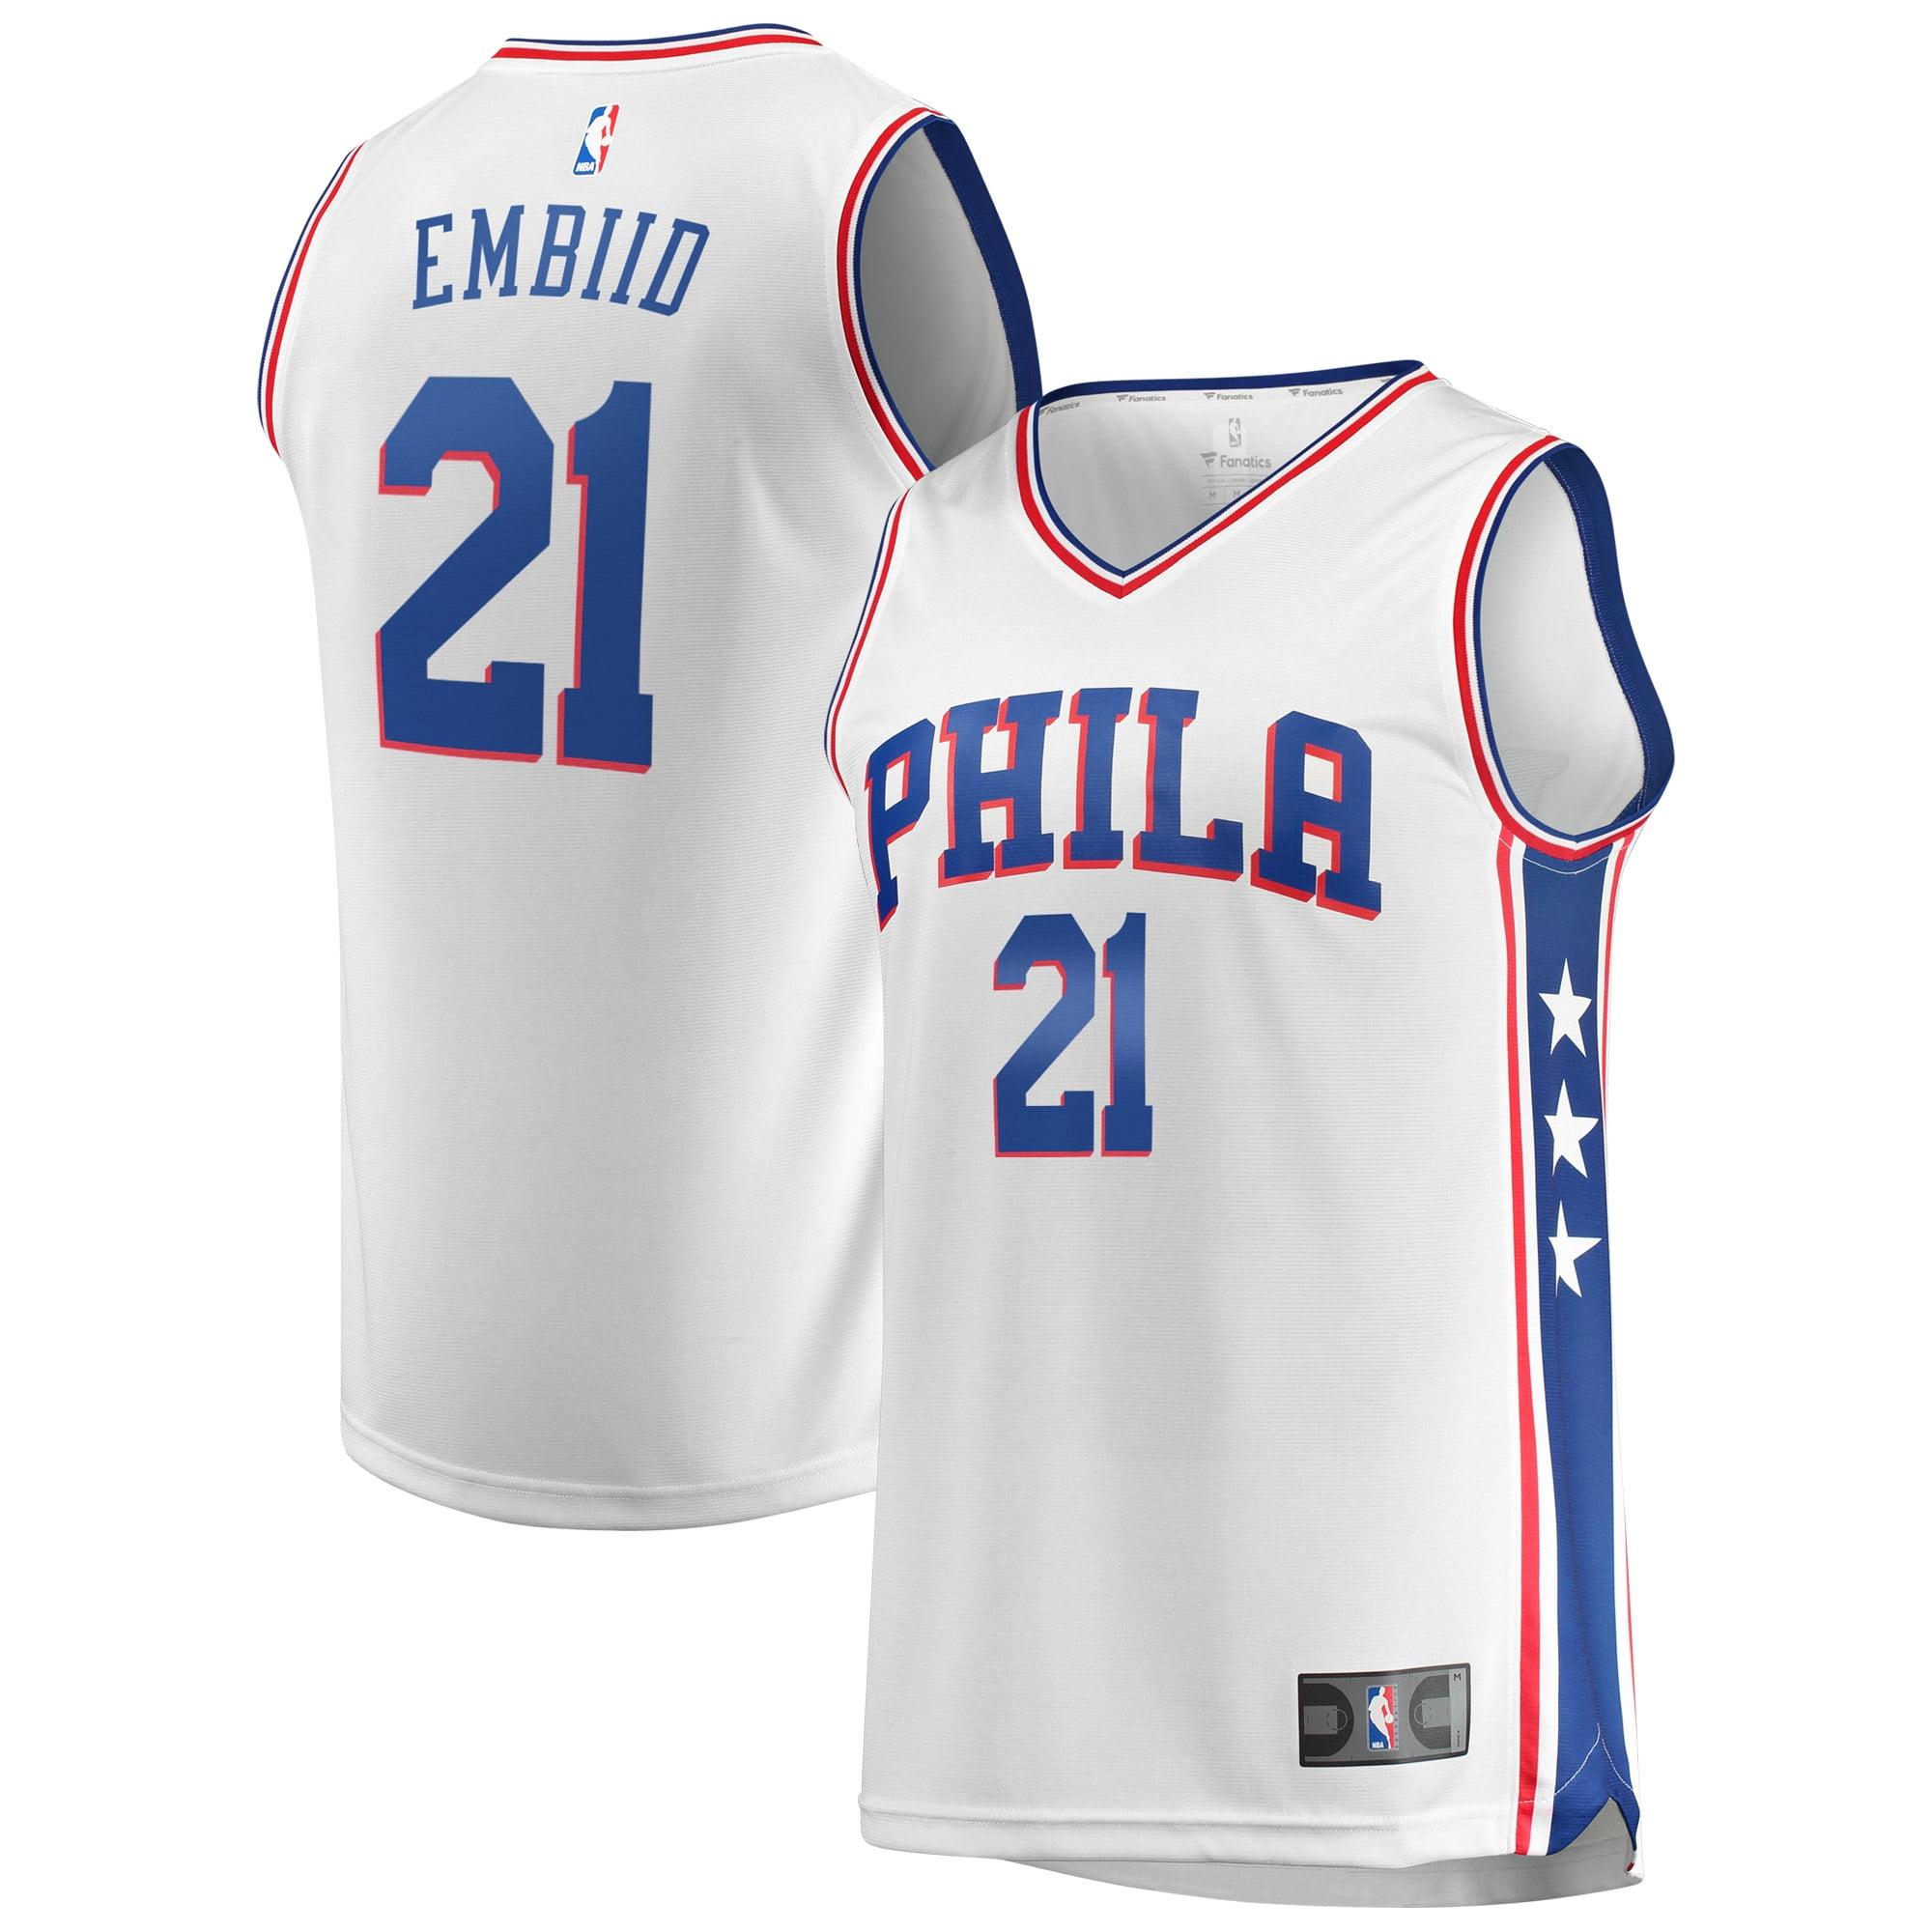 Joel Embiid Philadelphia 76ers Fanatics Branded Fast Break Replica Jersey White - Association Edition